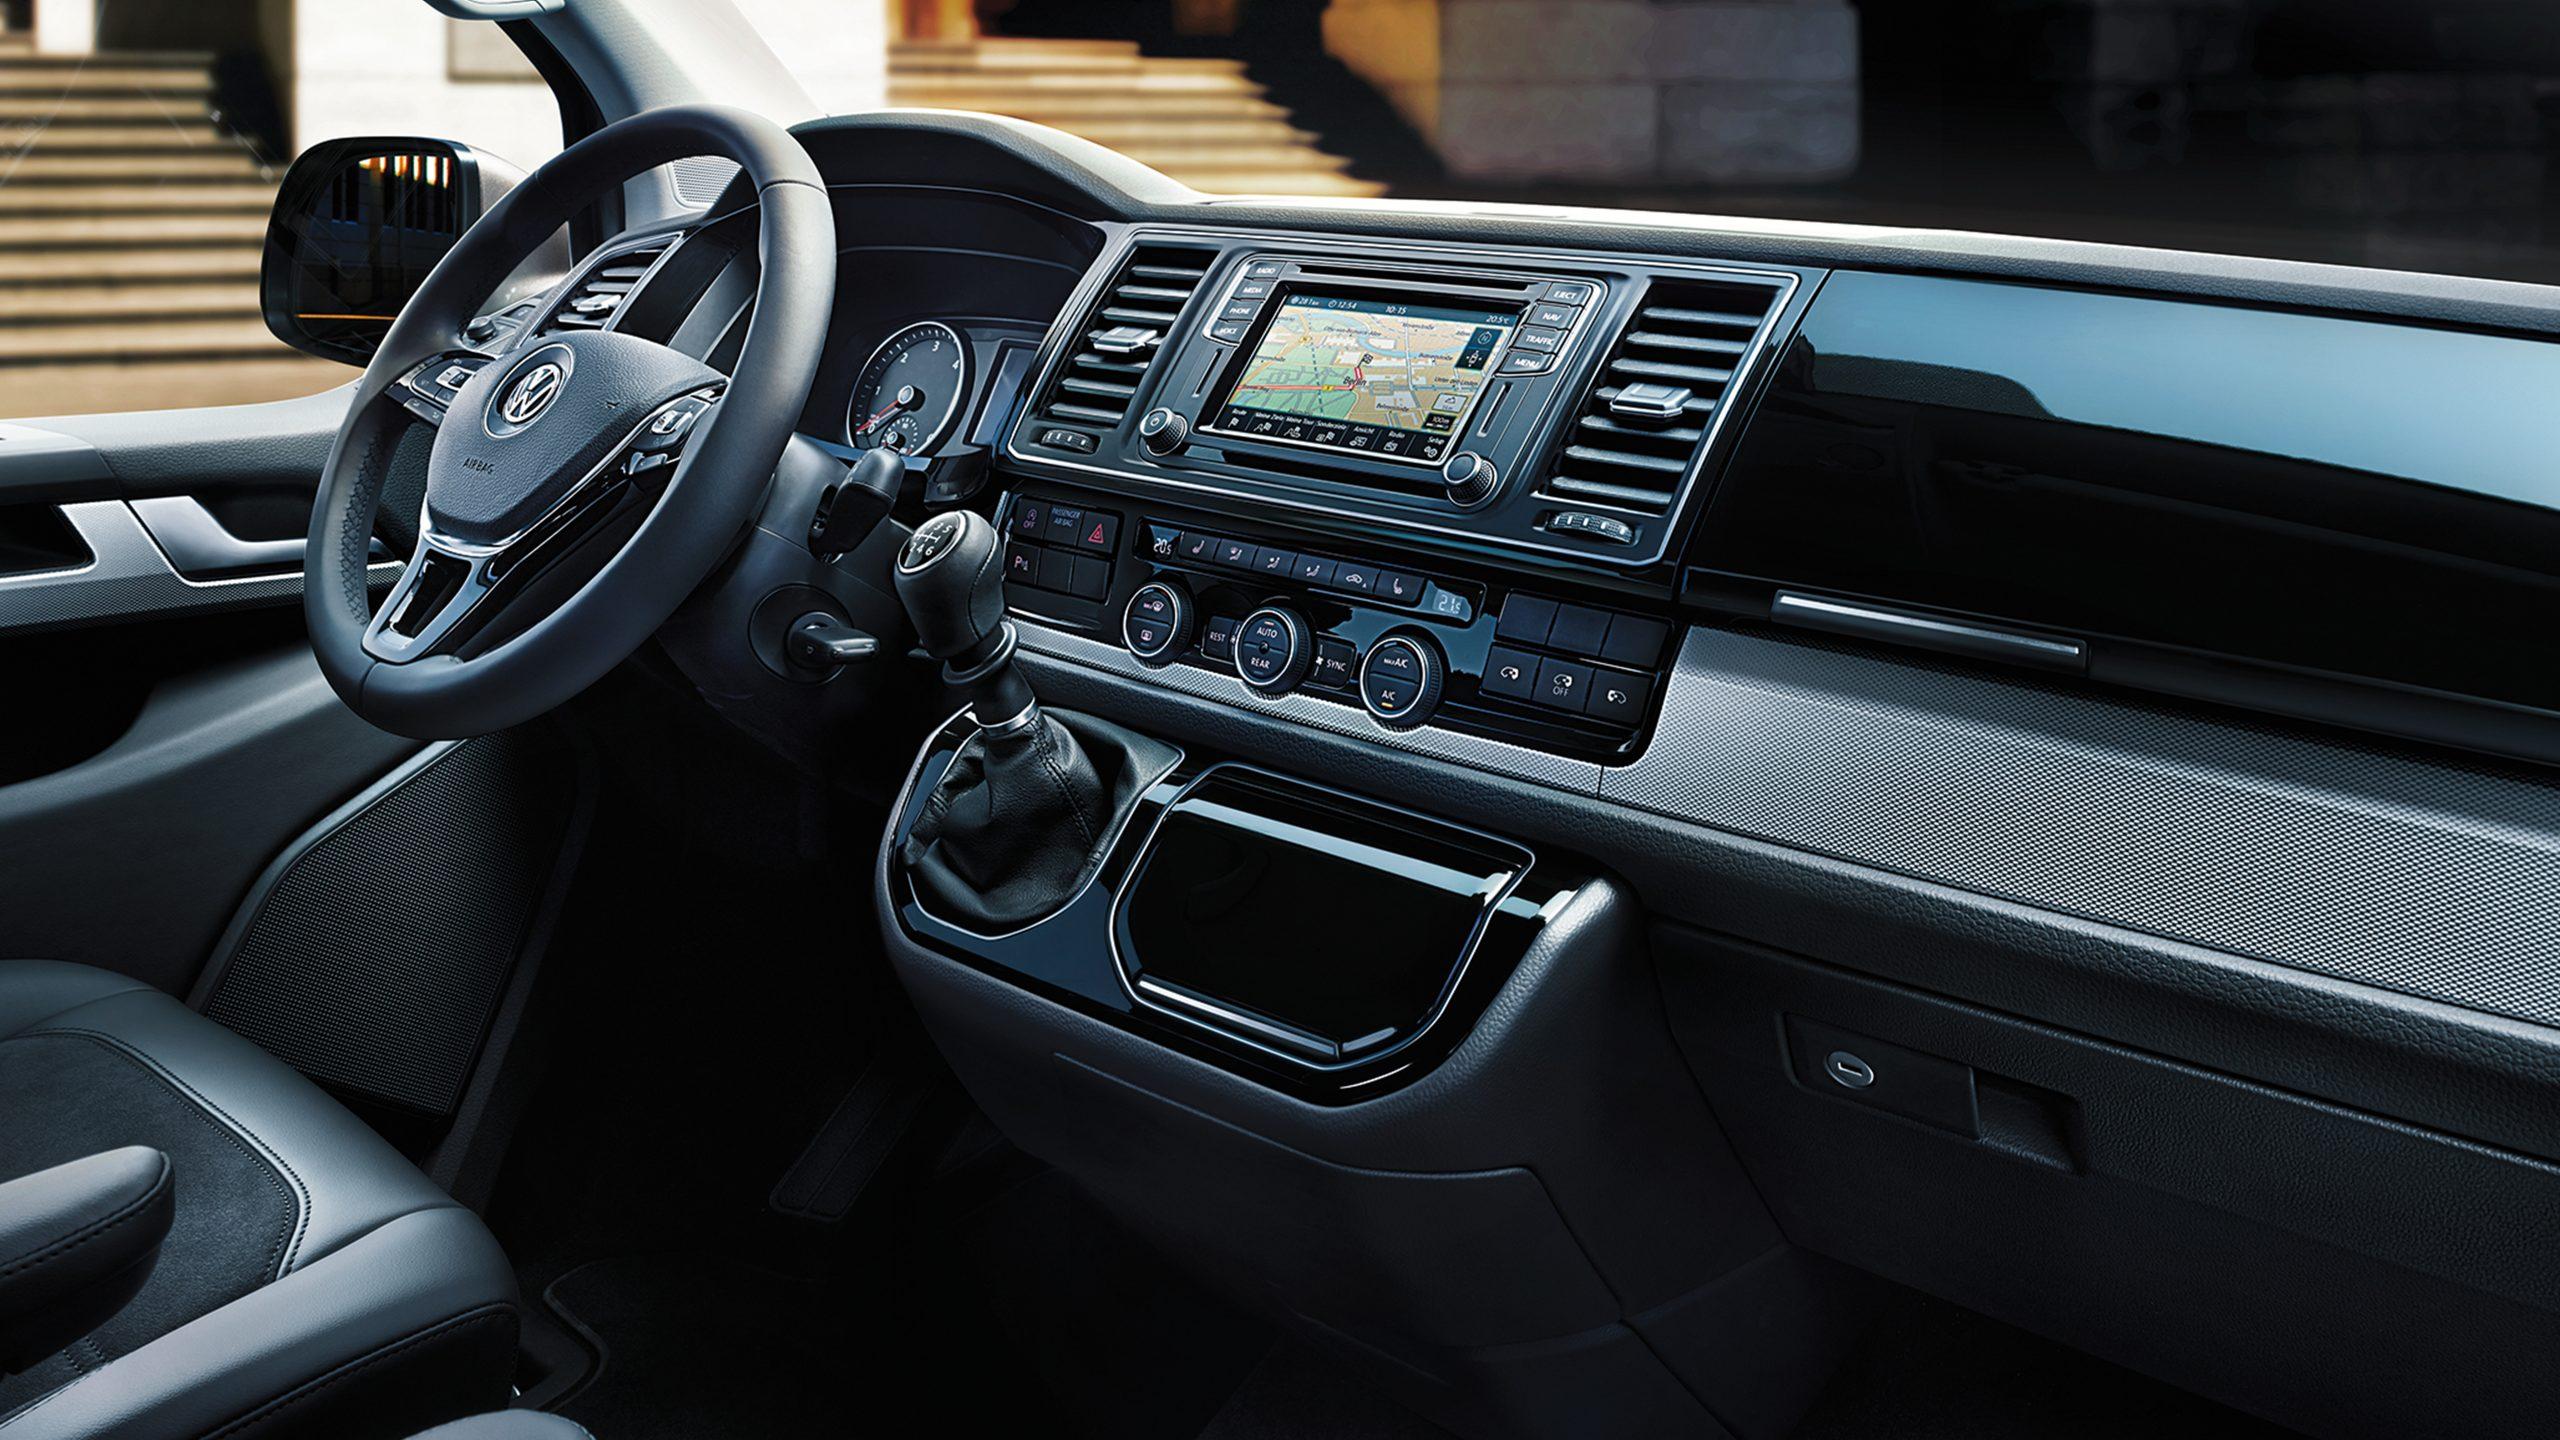 Volkswagen Media Control Multivan